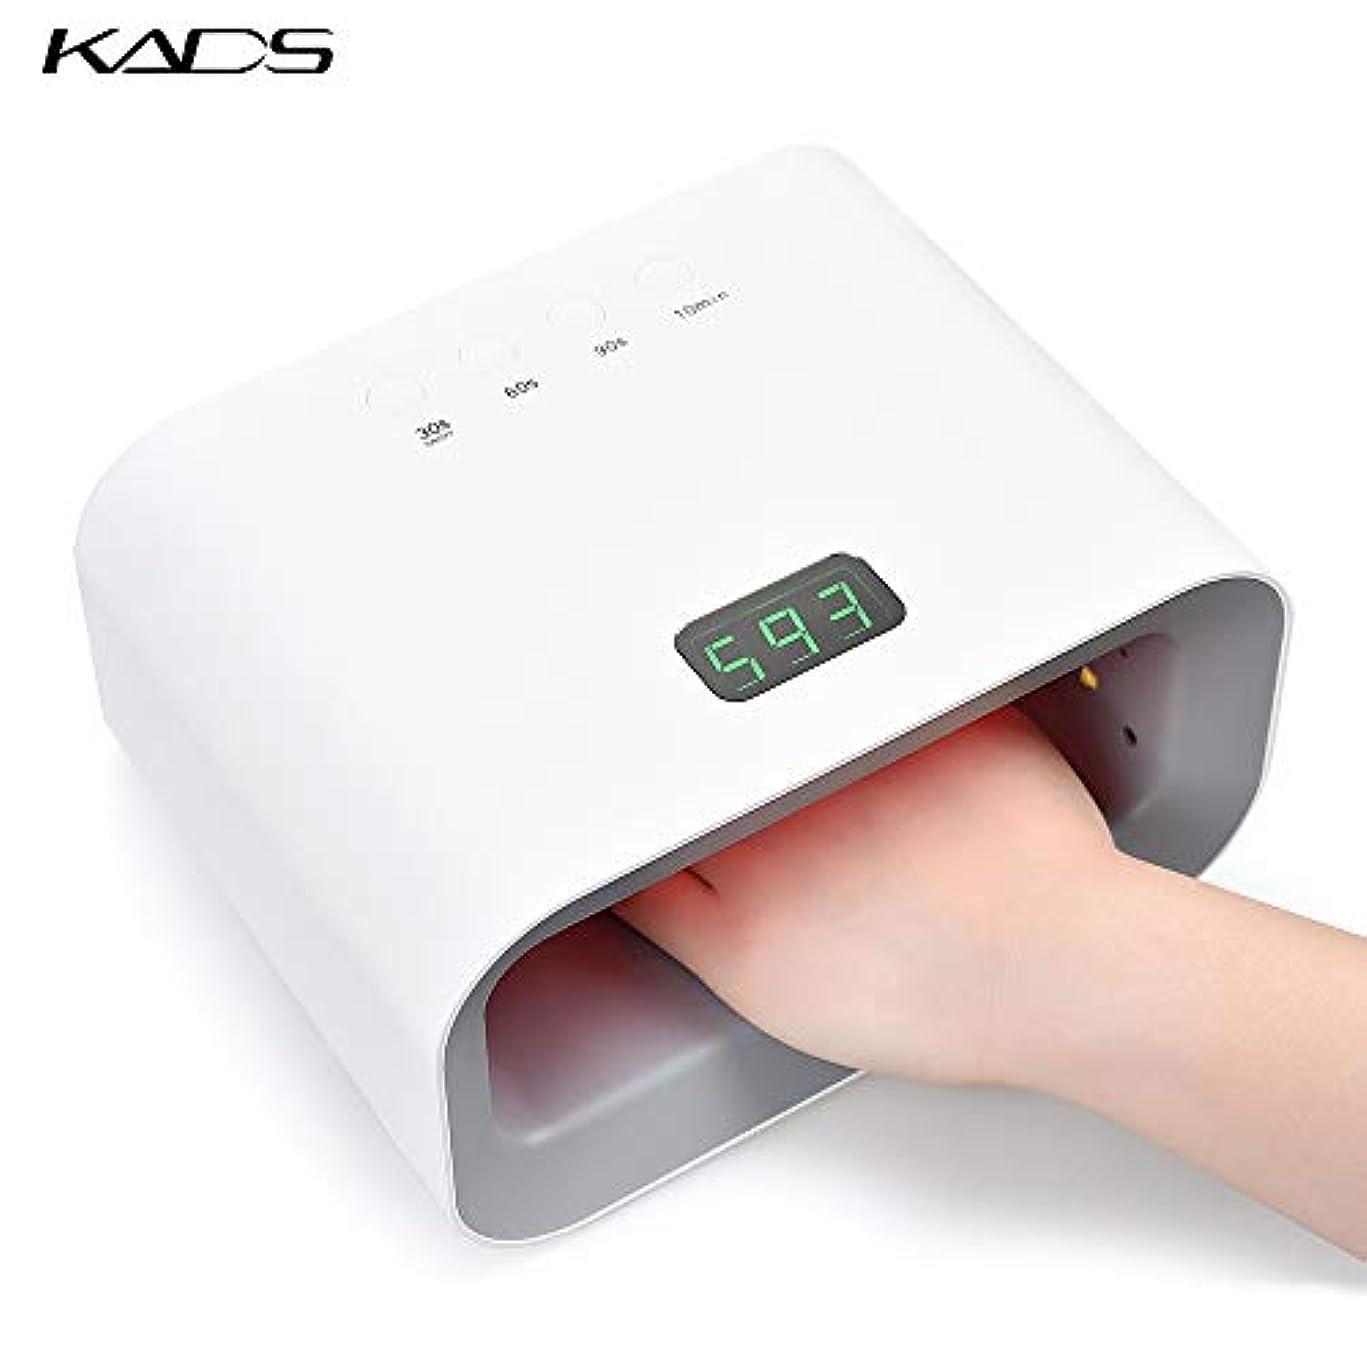 パターン助言ドルKADS LEDネイルドライヤー UV/LEDライト 90W 美白機能付き 3段階タイマー設定 高速硬化 硬化用ライト ランプ ジェルネイル用 赤外線検知